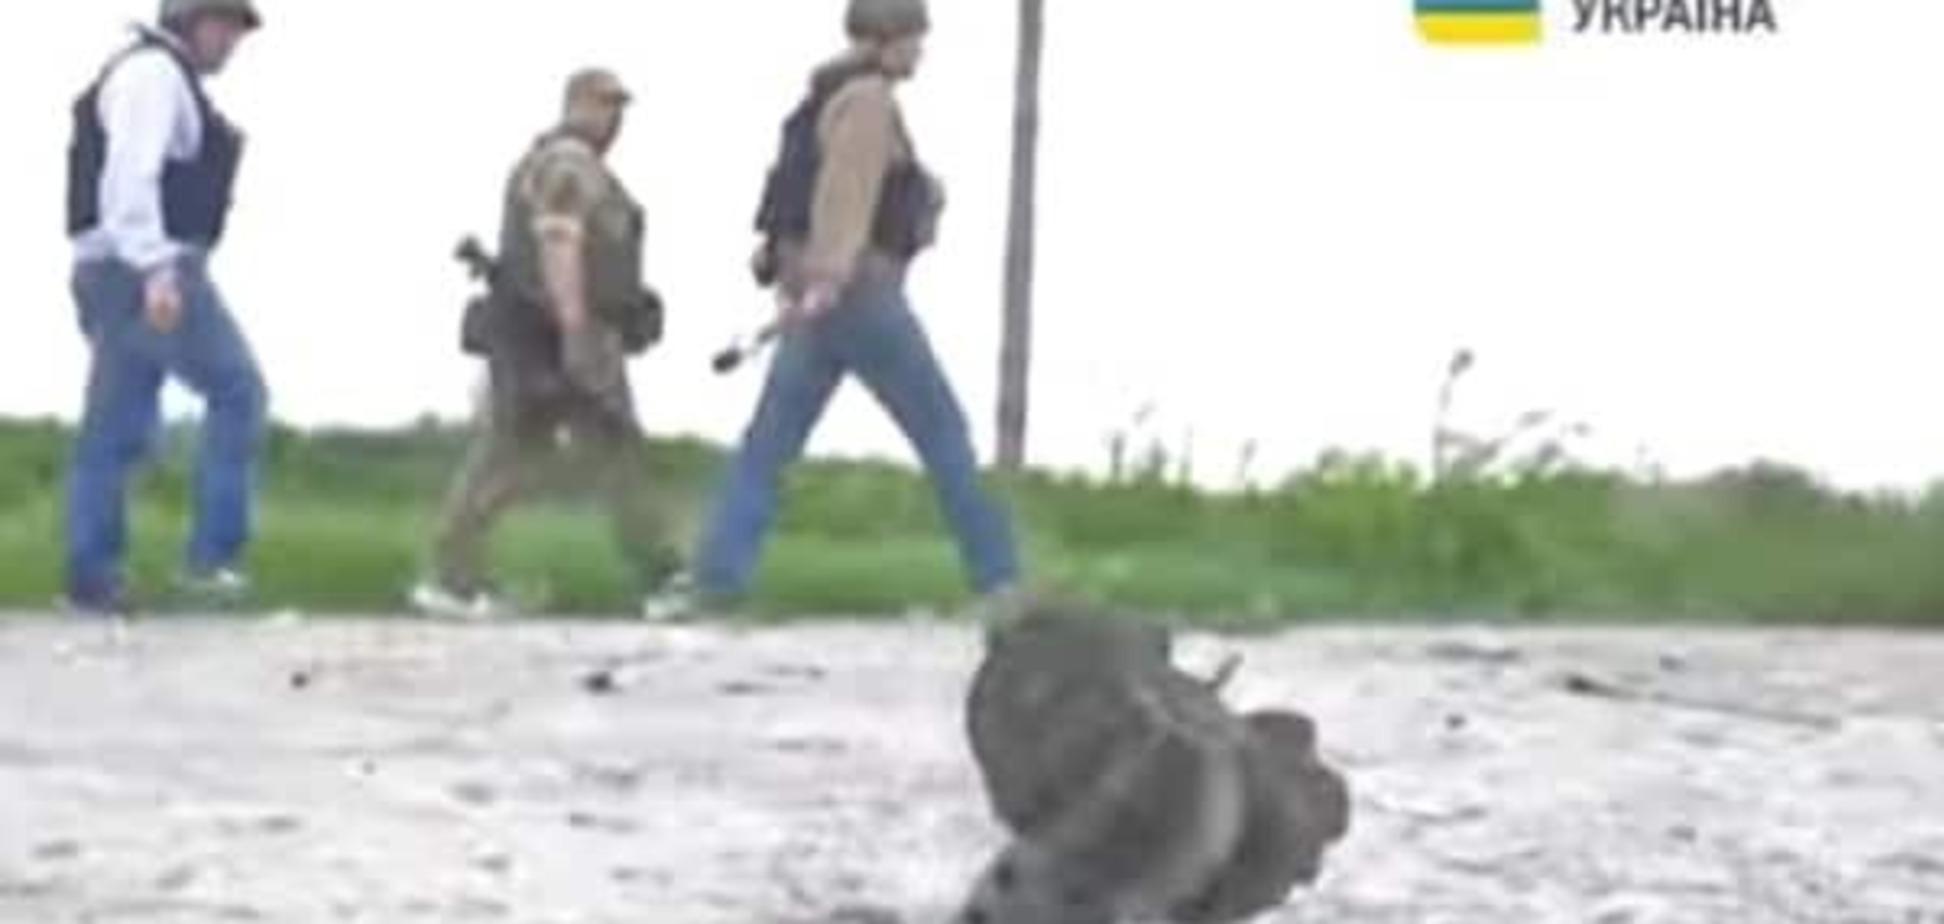 Ждем приказа к наступлению: 'киборги' из ДАП показали, как воюют в Авдеевке. Опубликовано видео